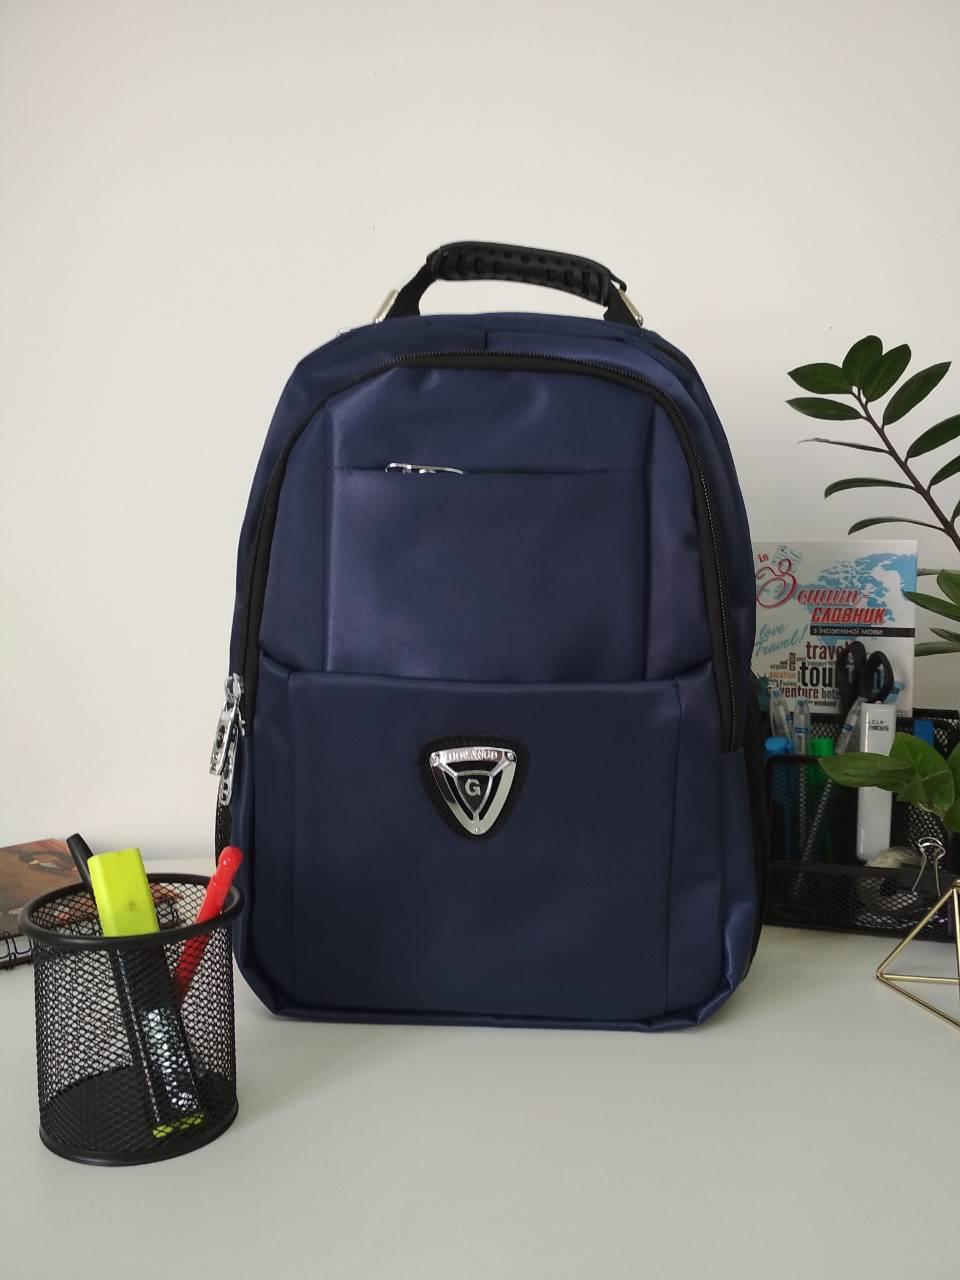 e201a7b9a15d Рюкзак с анатомической спинкой для подростка Gorangd 38*27*15 см - Puziki.